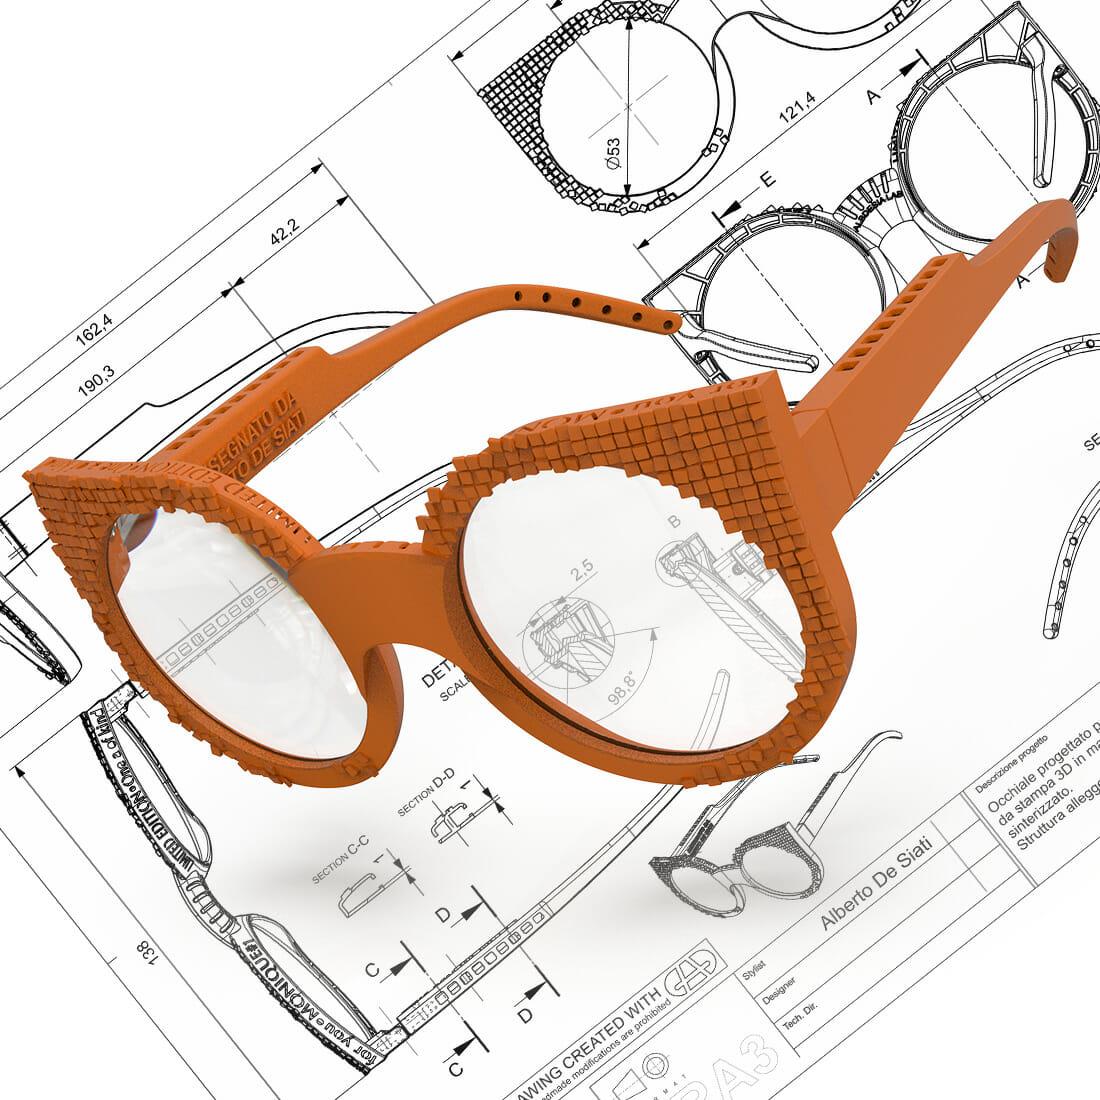 Occhiale Monique Stampa 3d R2.9 Design by Alberto De Siati